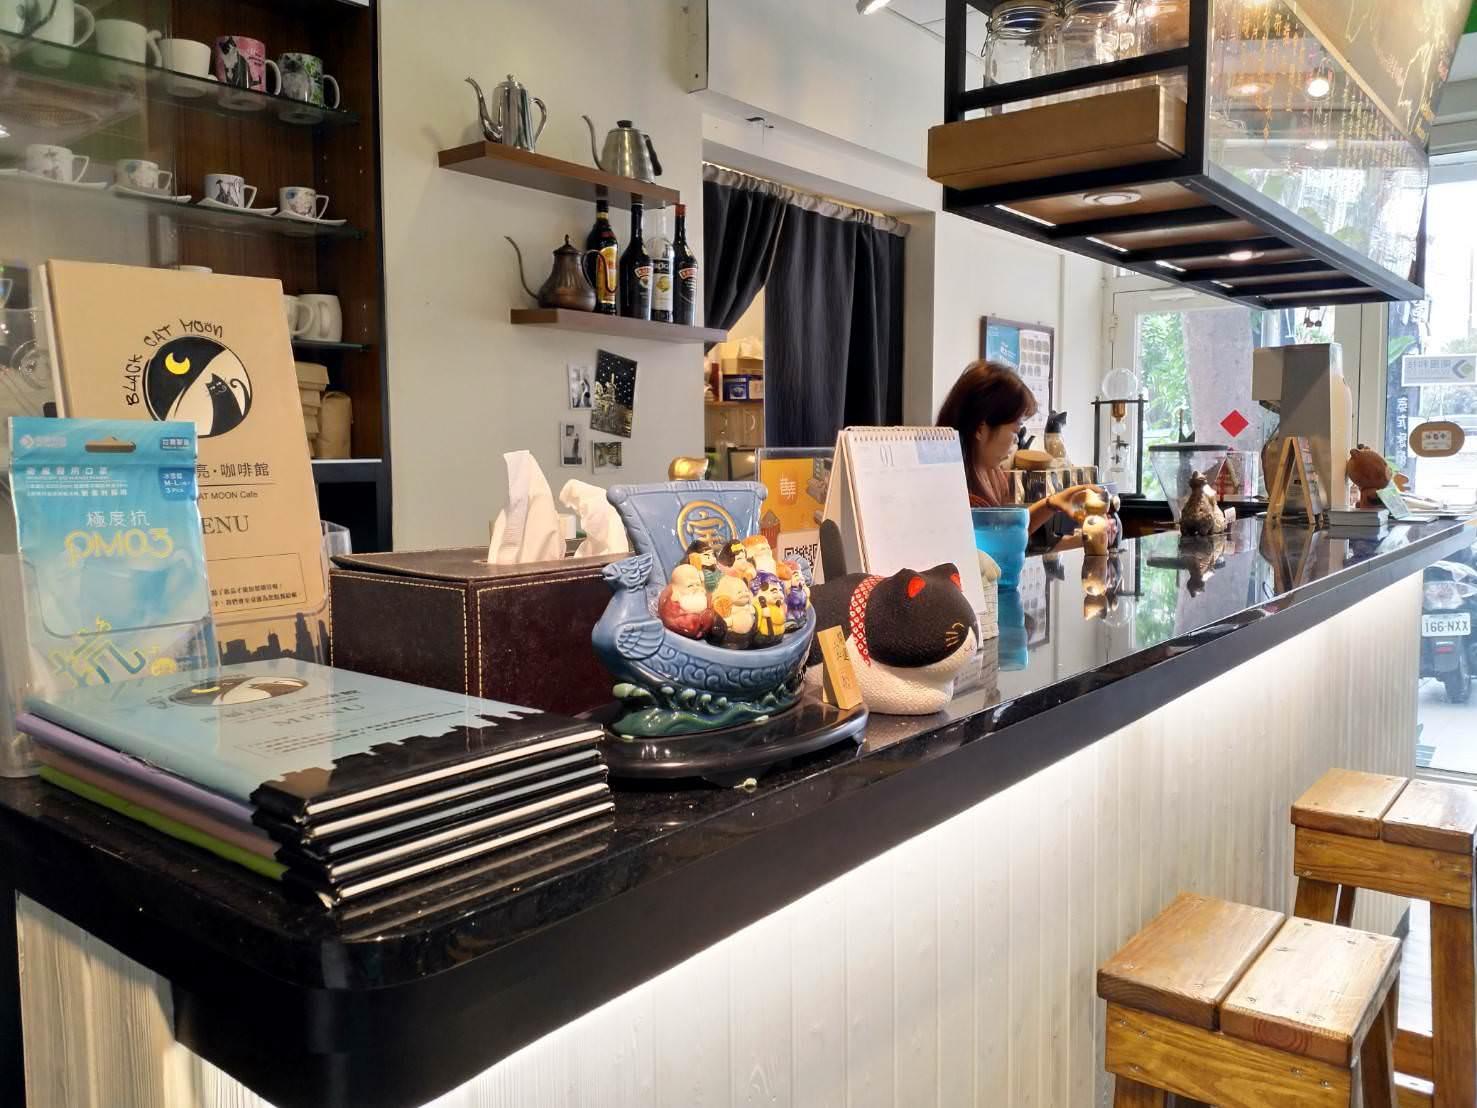 黑貓月亮咖啡館吧檯